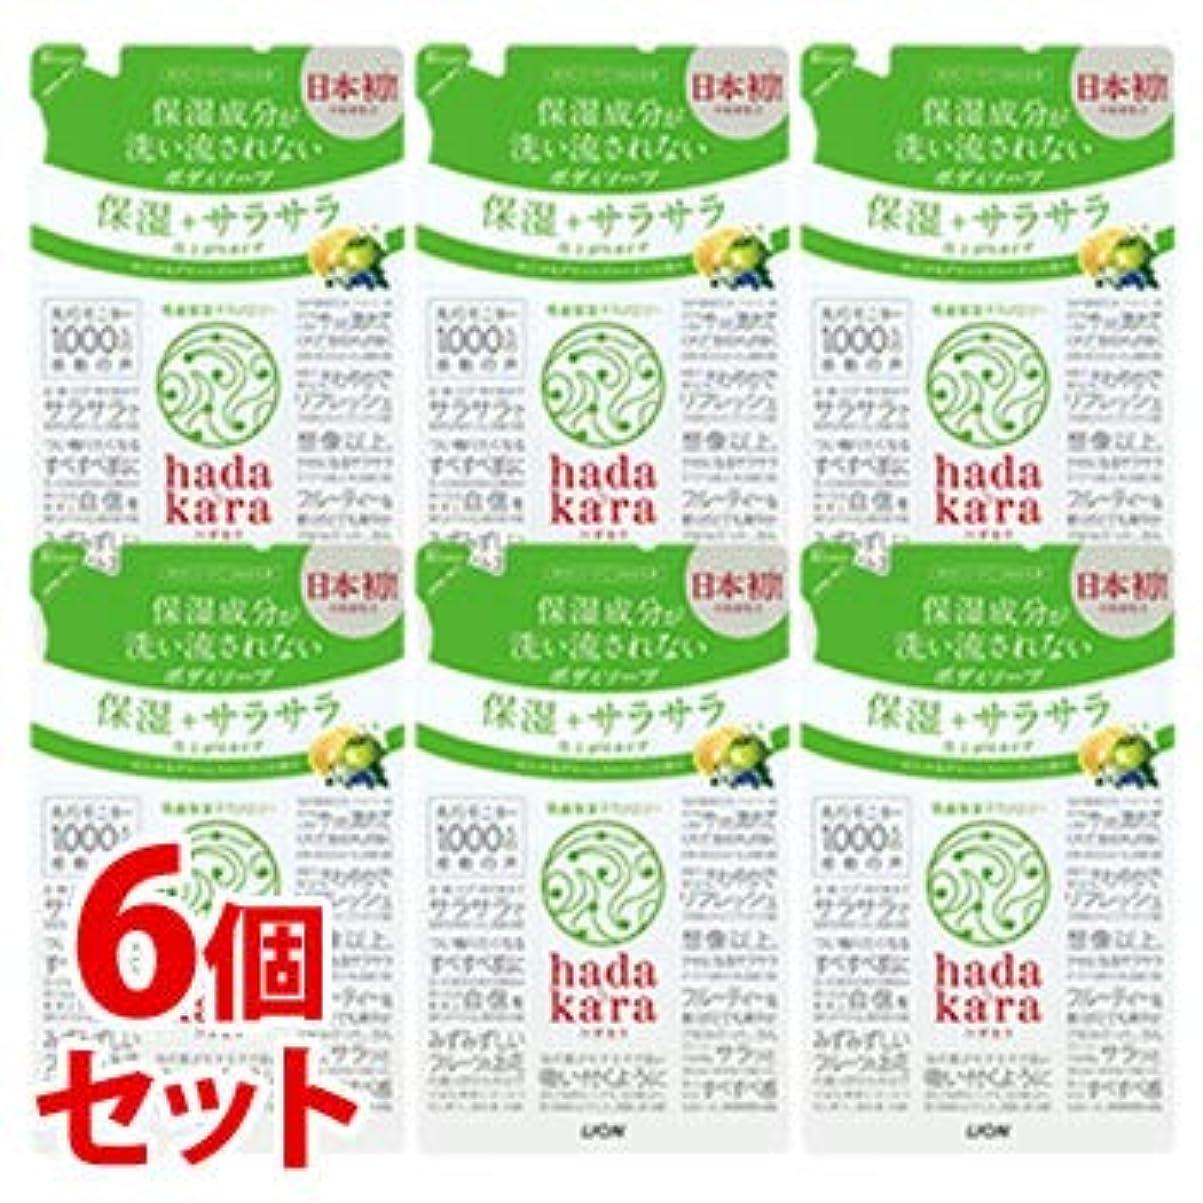 ご近所所有権アシスタント《セット販売》 ライオン ハダカラ hadakara ボディソープ 保湿+サラサラ仕上がりタイプ グリーンフルーティの香り つめかえ用 (340mL)×6個セット 詰め替え用